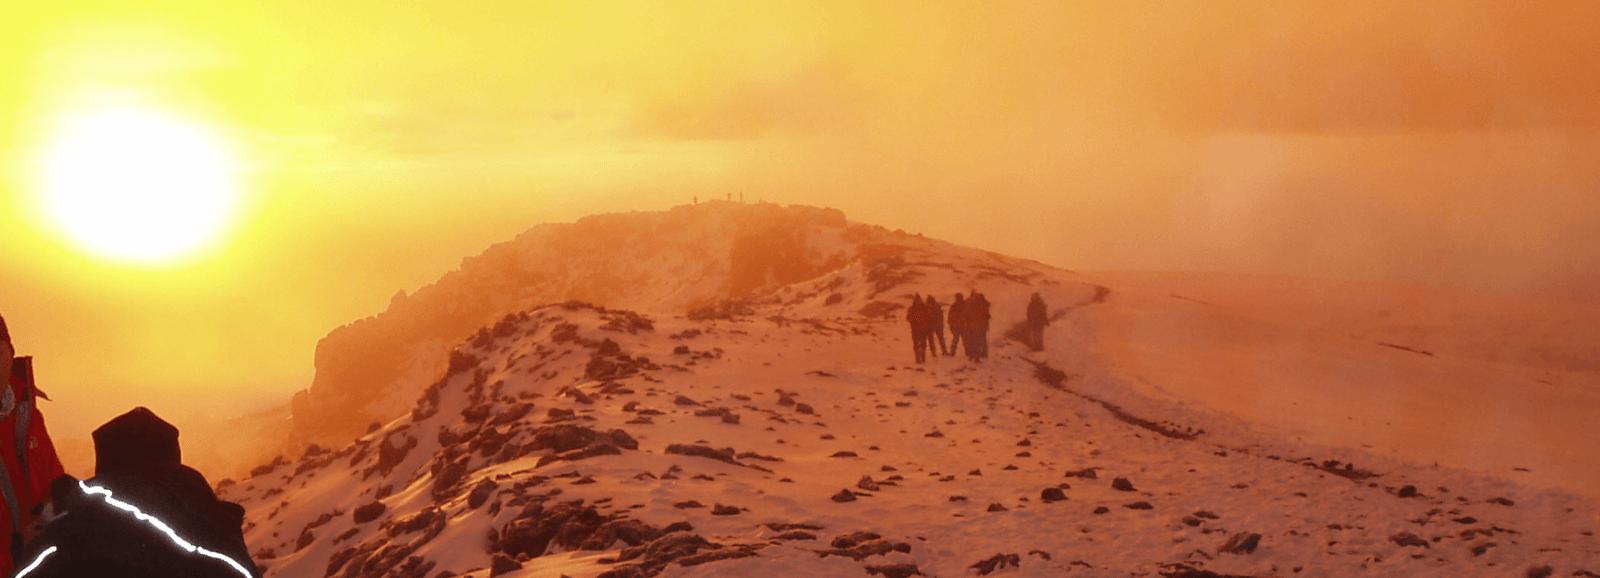 Climbing Kilimanjaro in Tanzania